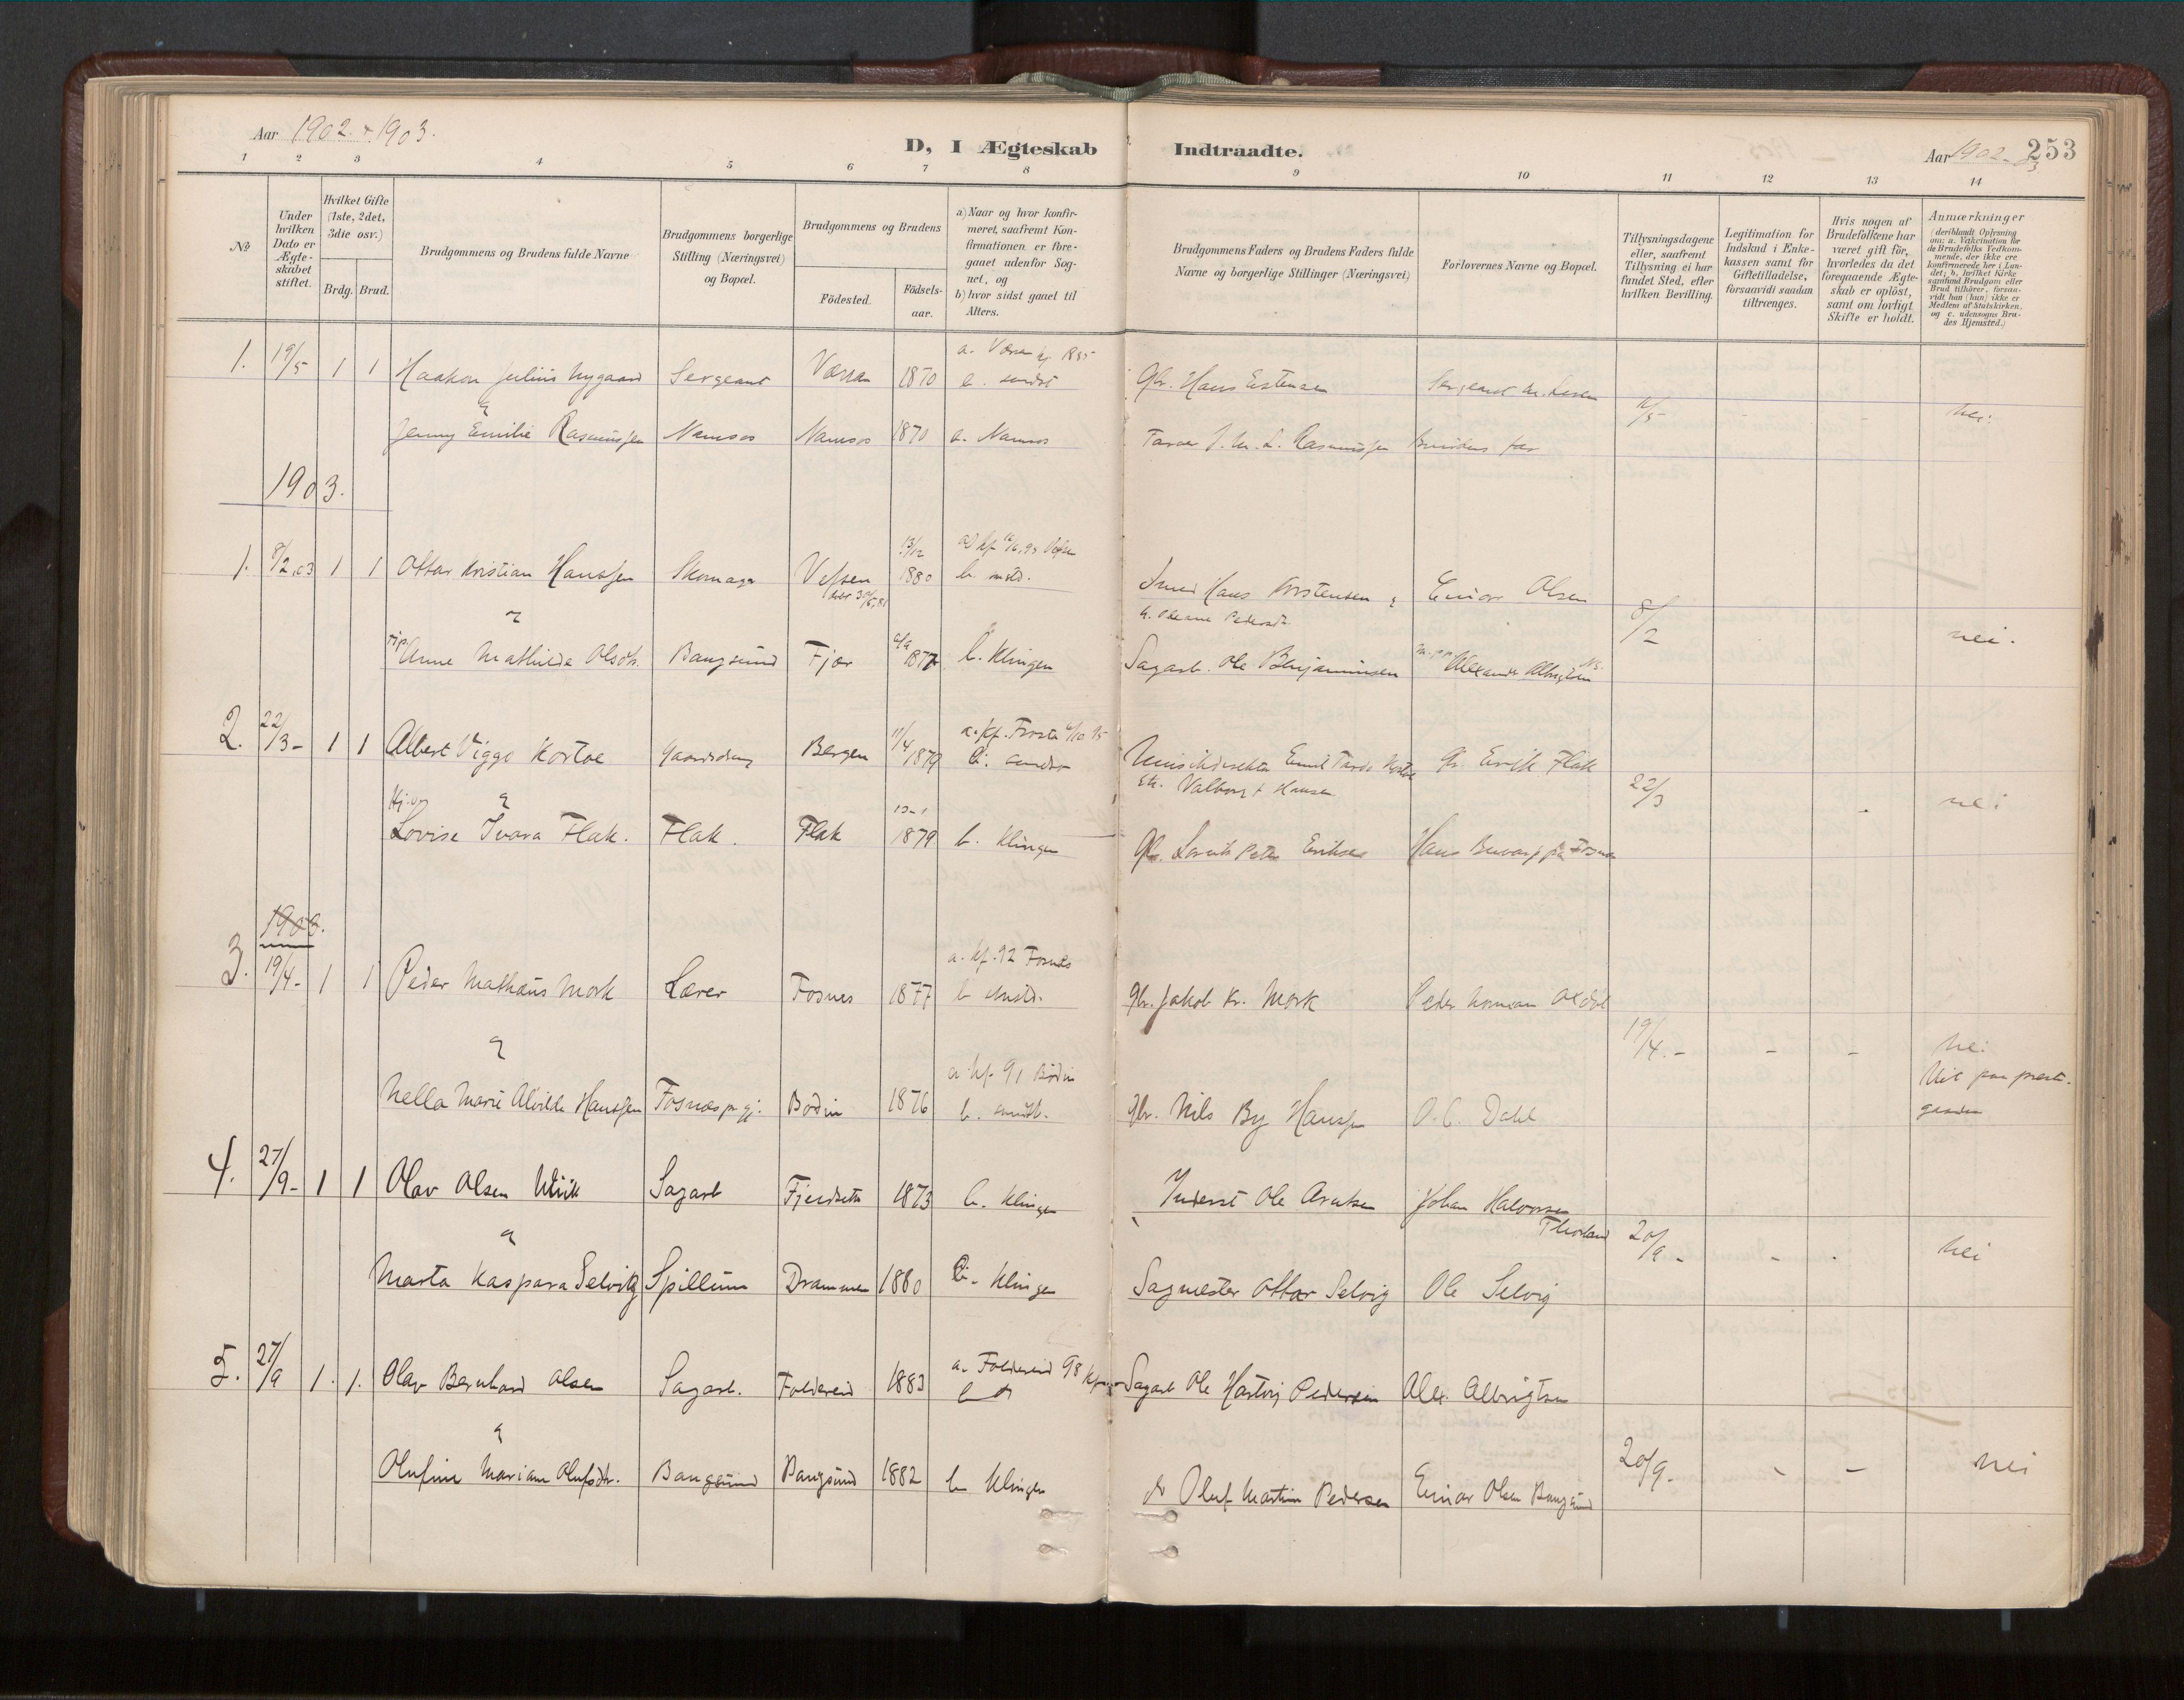 SAT, Ministerialprotokoller, klokkerbøker og fødselsregistre - Nord-Trøndelag, 770/L0589: Ministerialbok nr. 770A03, 1887-1929, s. 253